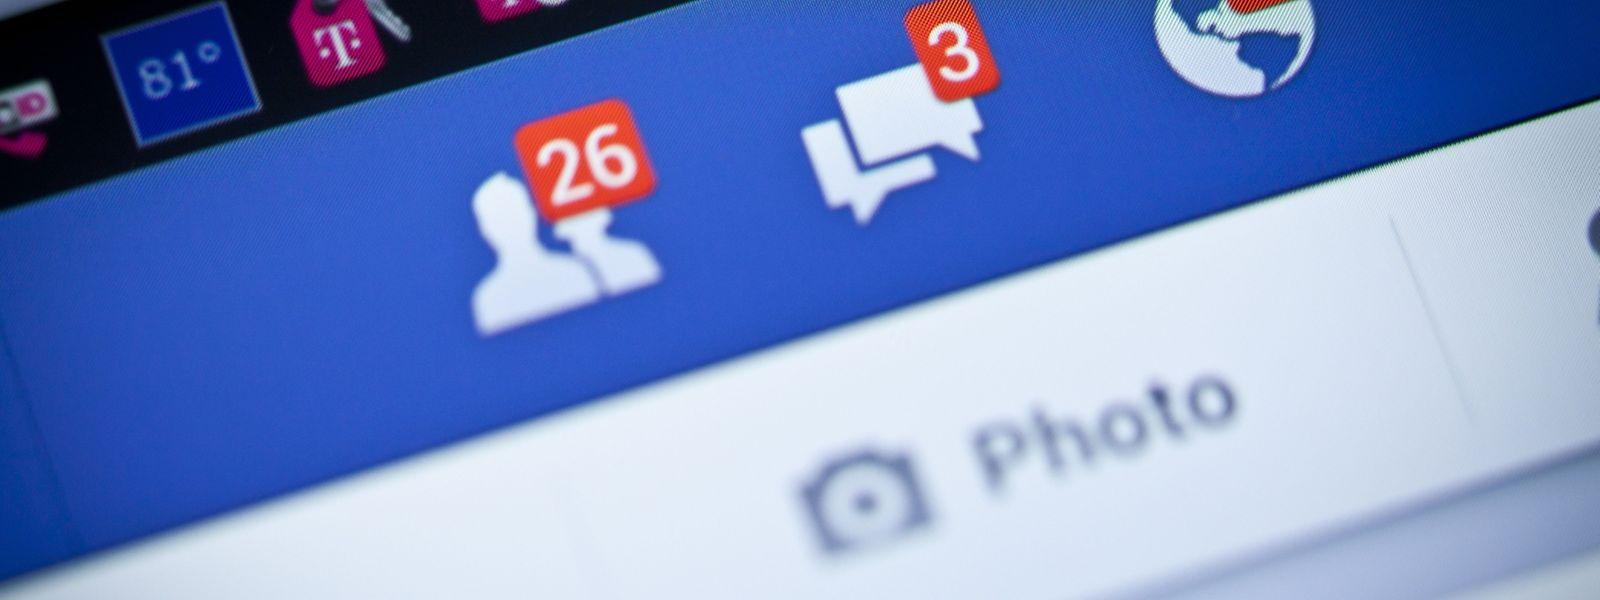 79 Prozent der in Luxemburg ansässigen Befragten gaben an, auf Facebook aktiv zu sein.